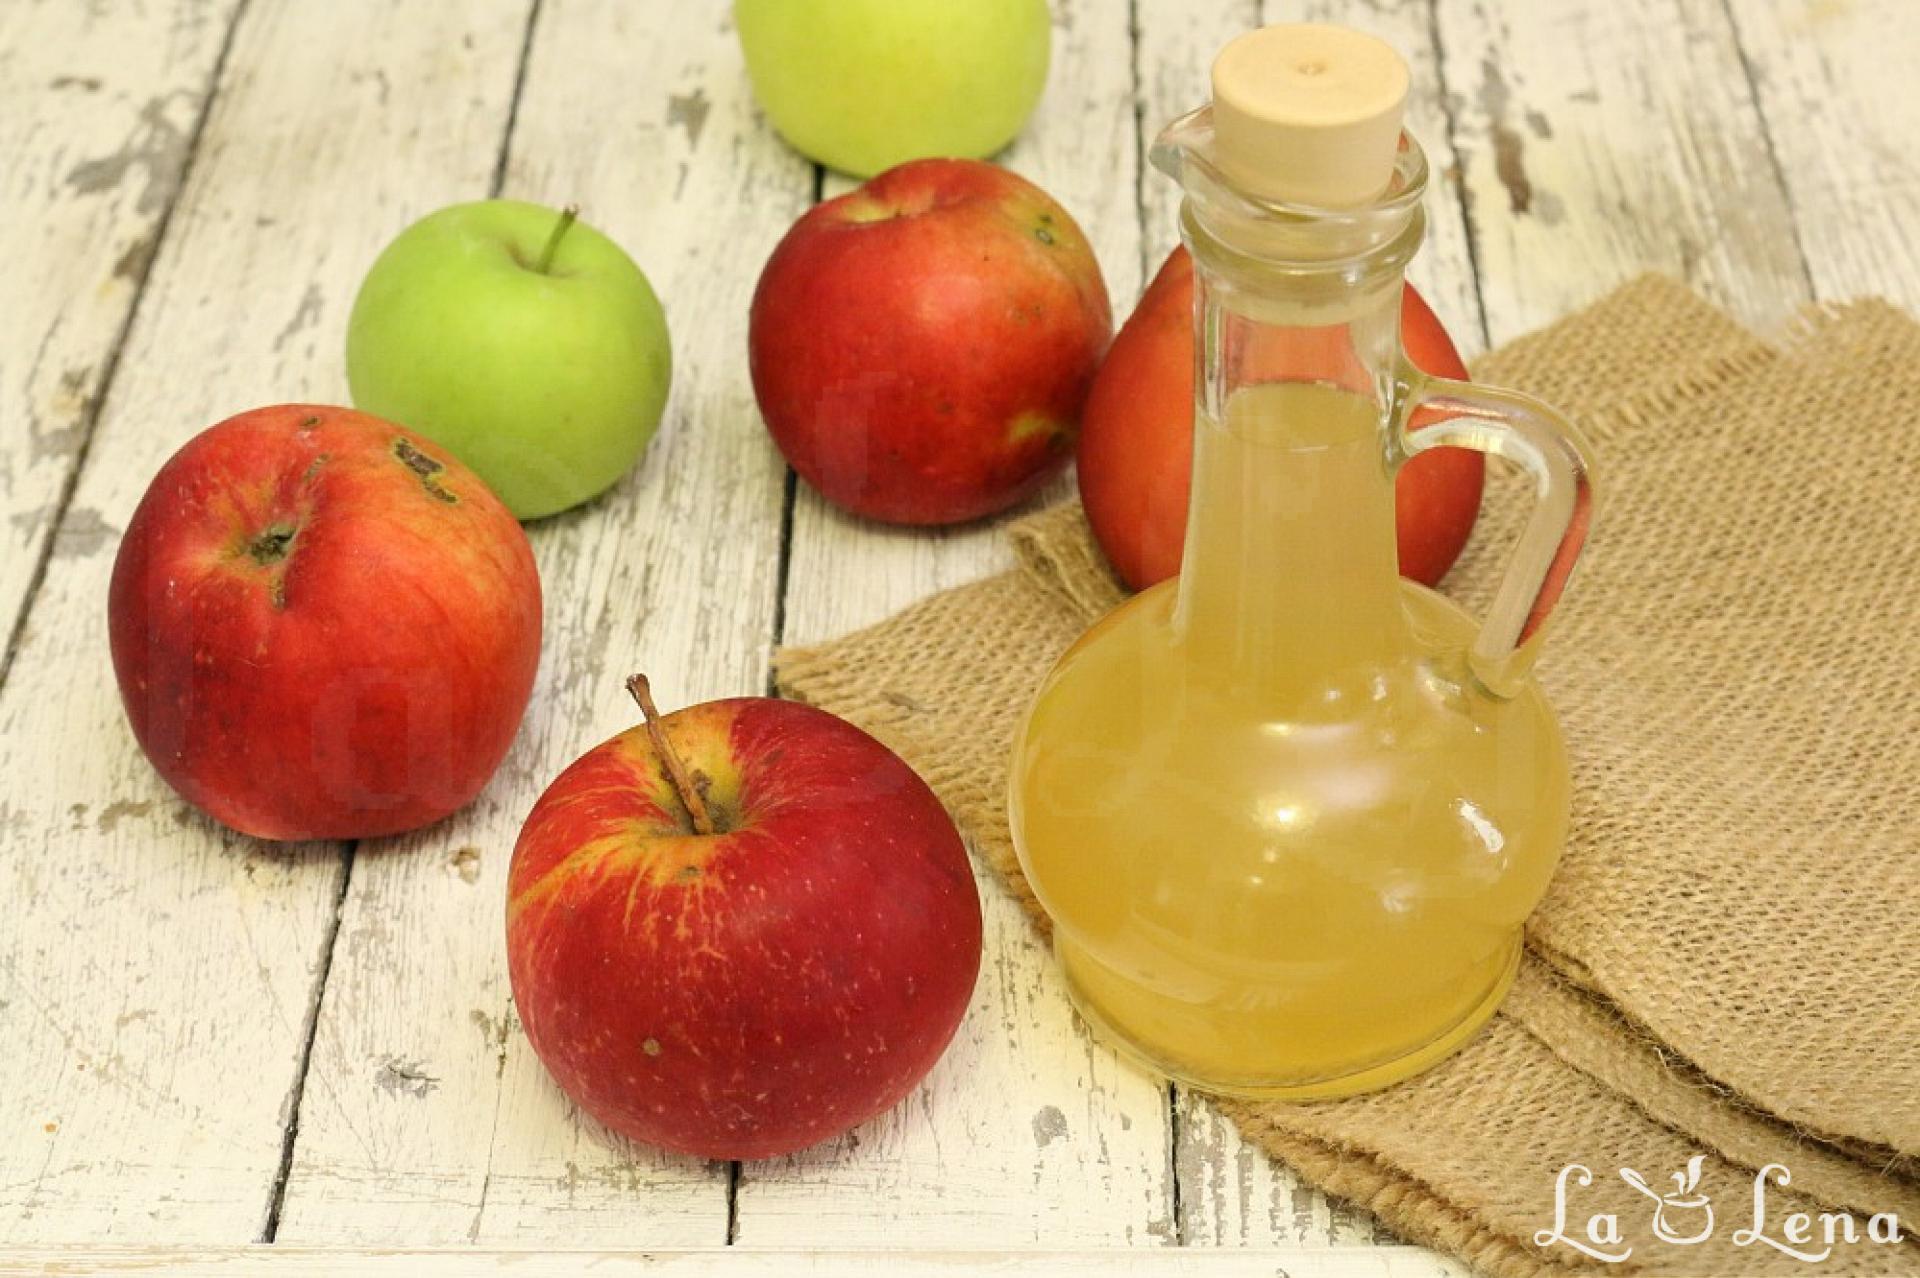 Tratamentul cu oțet de mere pentru varice - Bataturi -